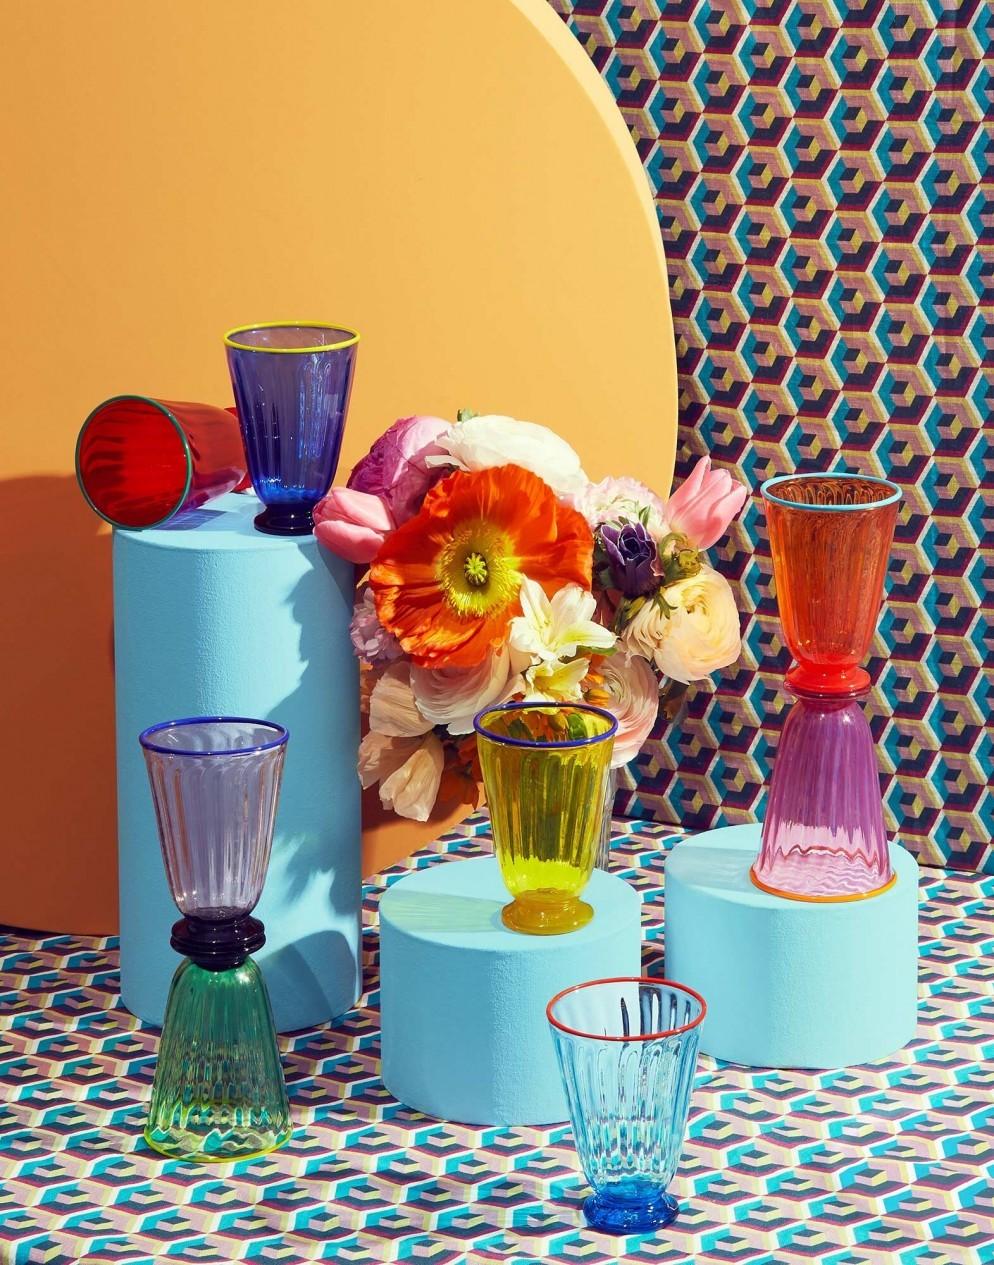 arredare-casa-2021-bicchieri-colorati-pinterest-predicts